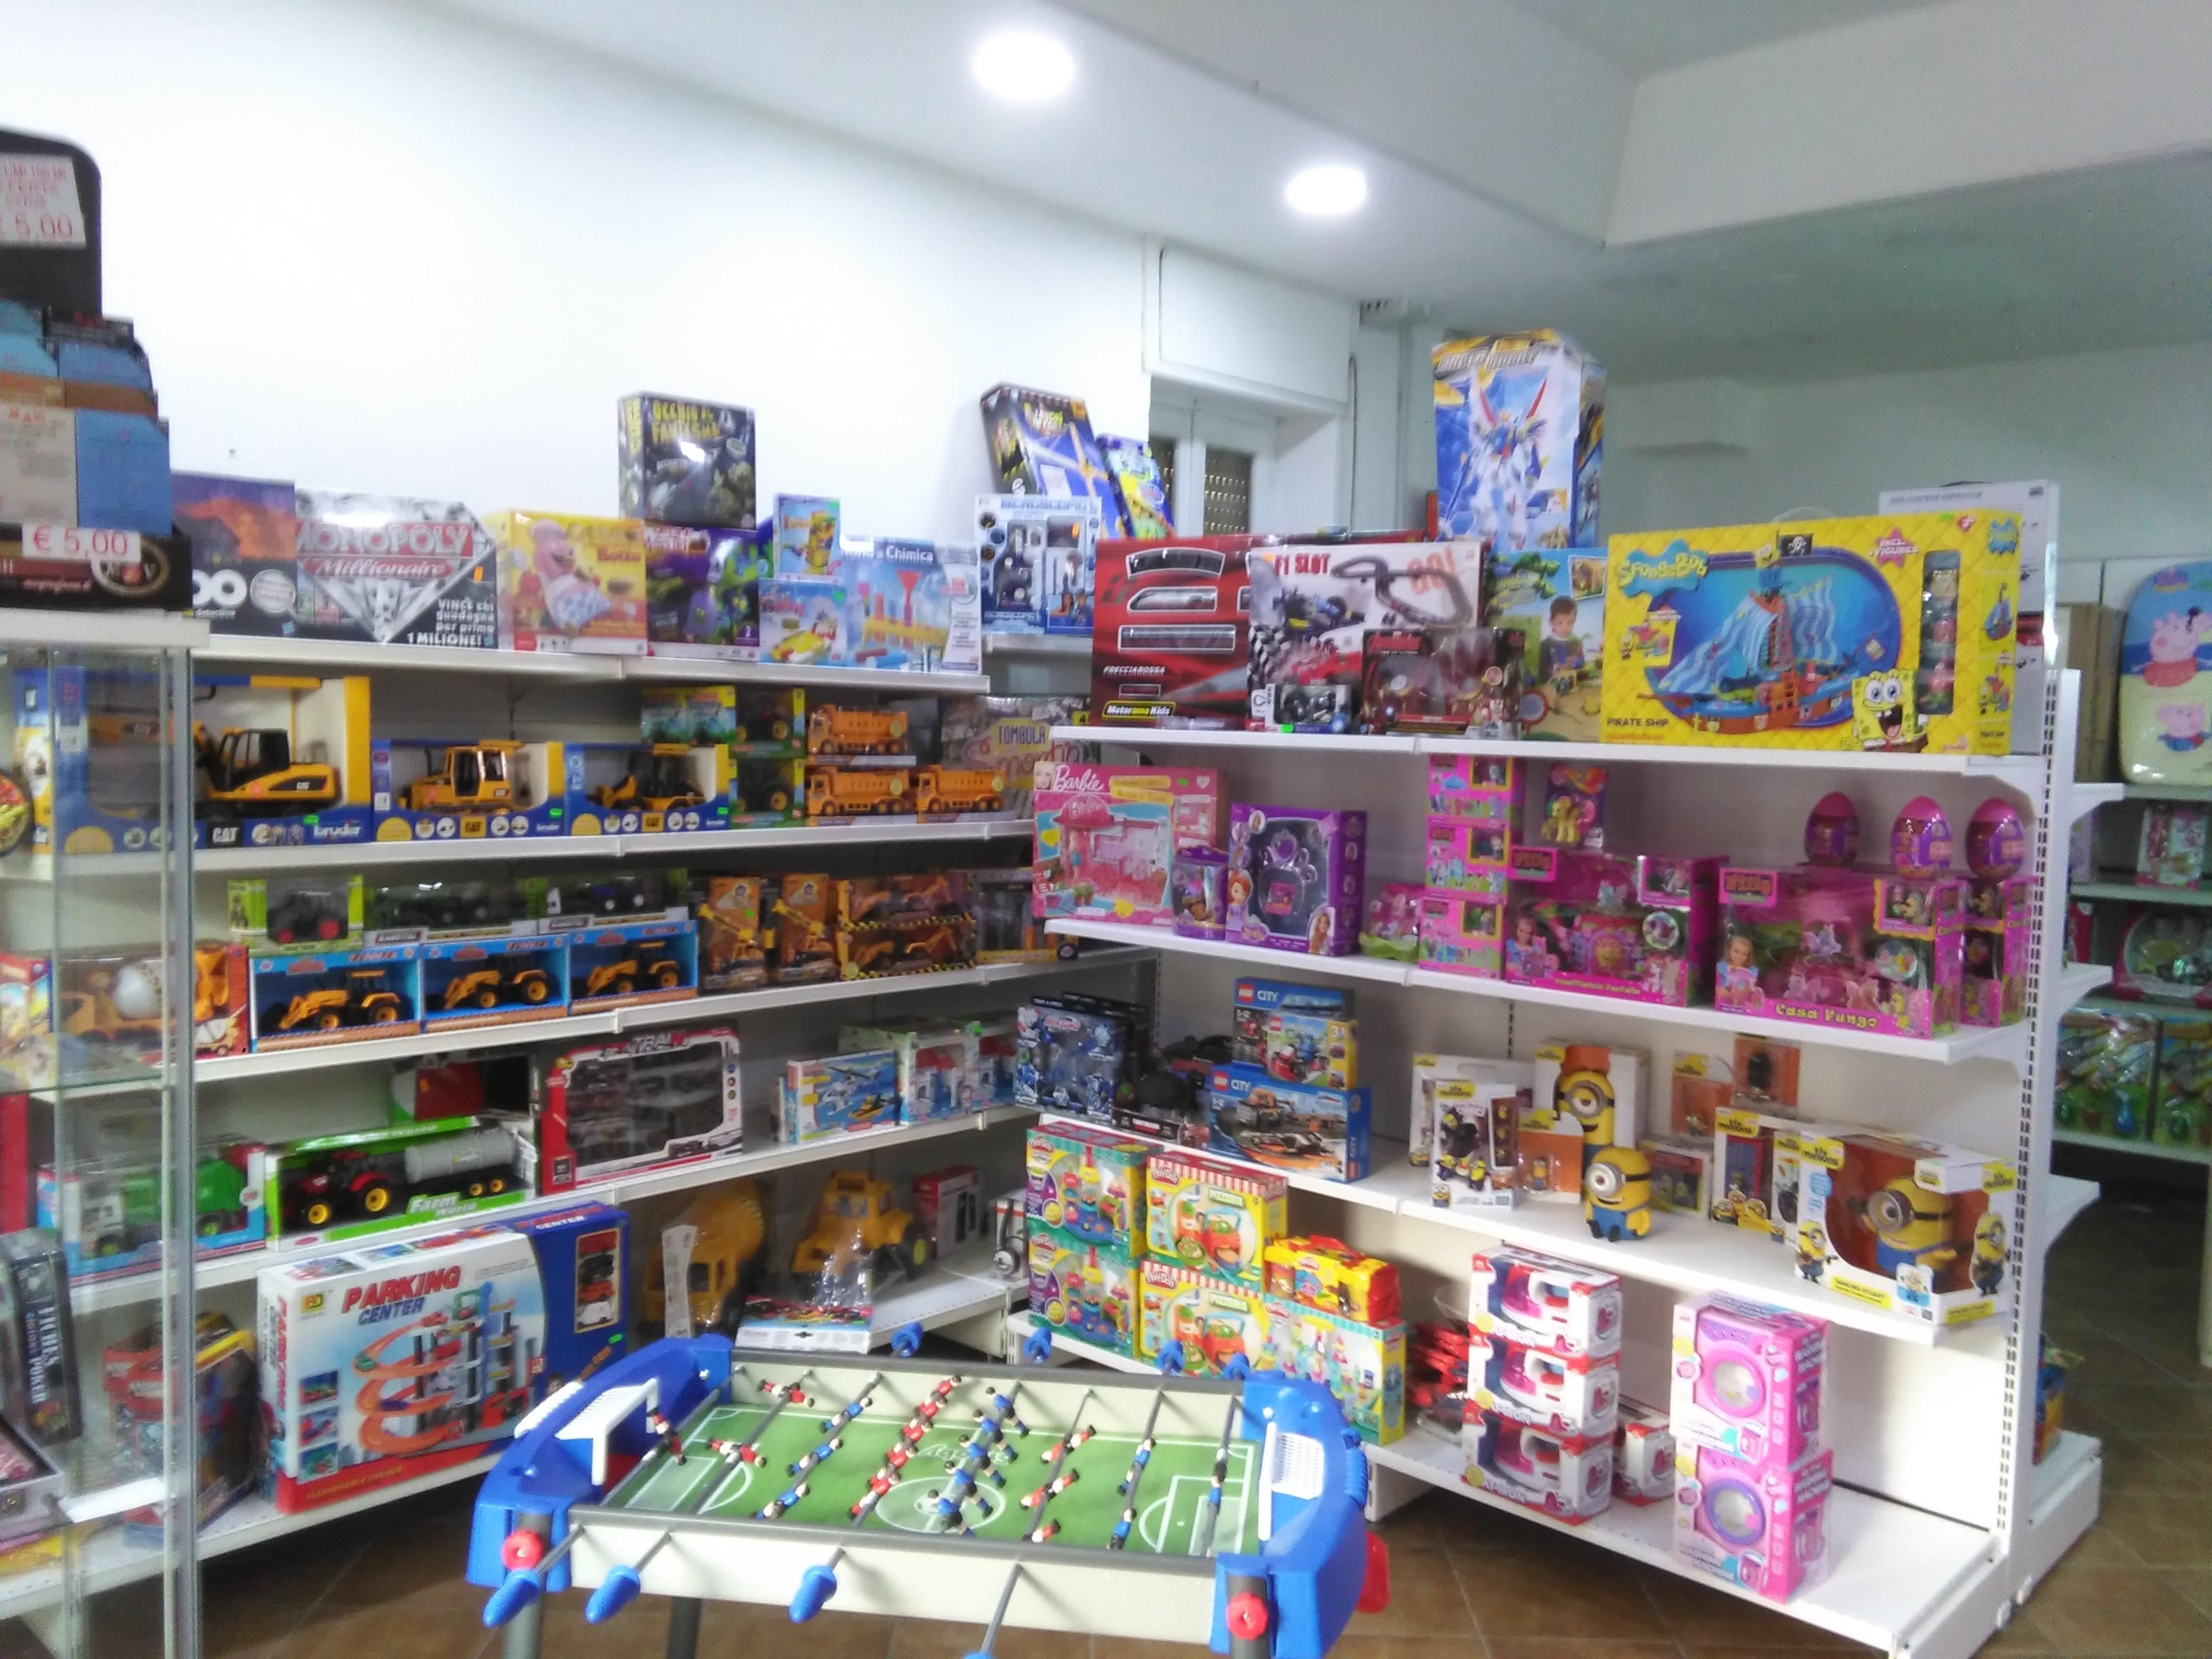 Giocattoli per bambini – Ambaradan (Agropoli)  Ambaradan Agropoli